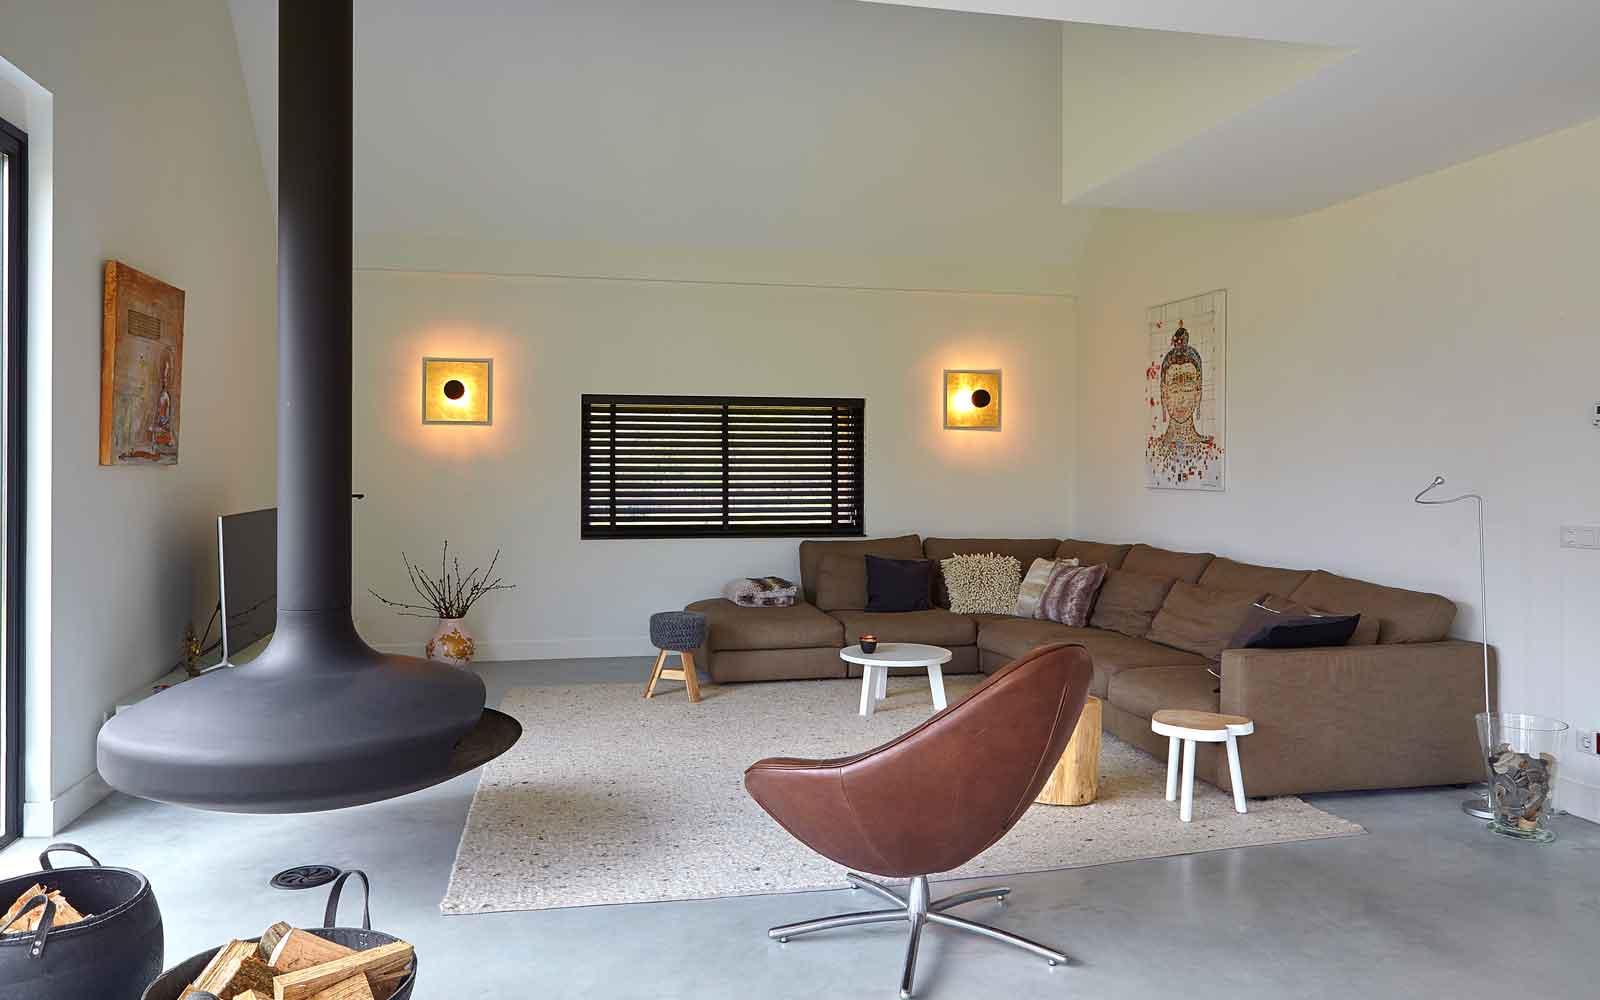 Woonkamer, haard van Boley, meubelen van CILO, Landelijk, modern, Architectenbureau Koppens